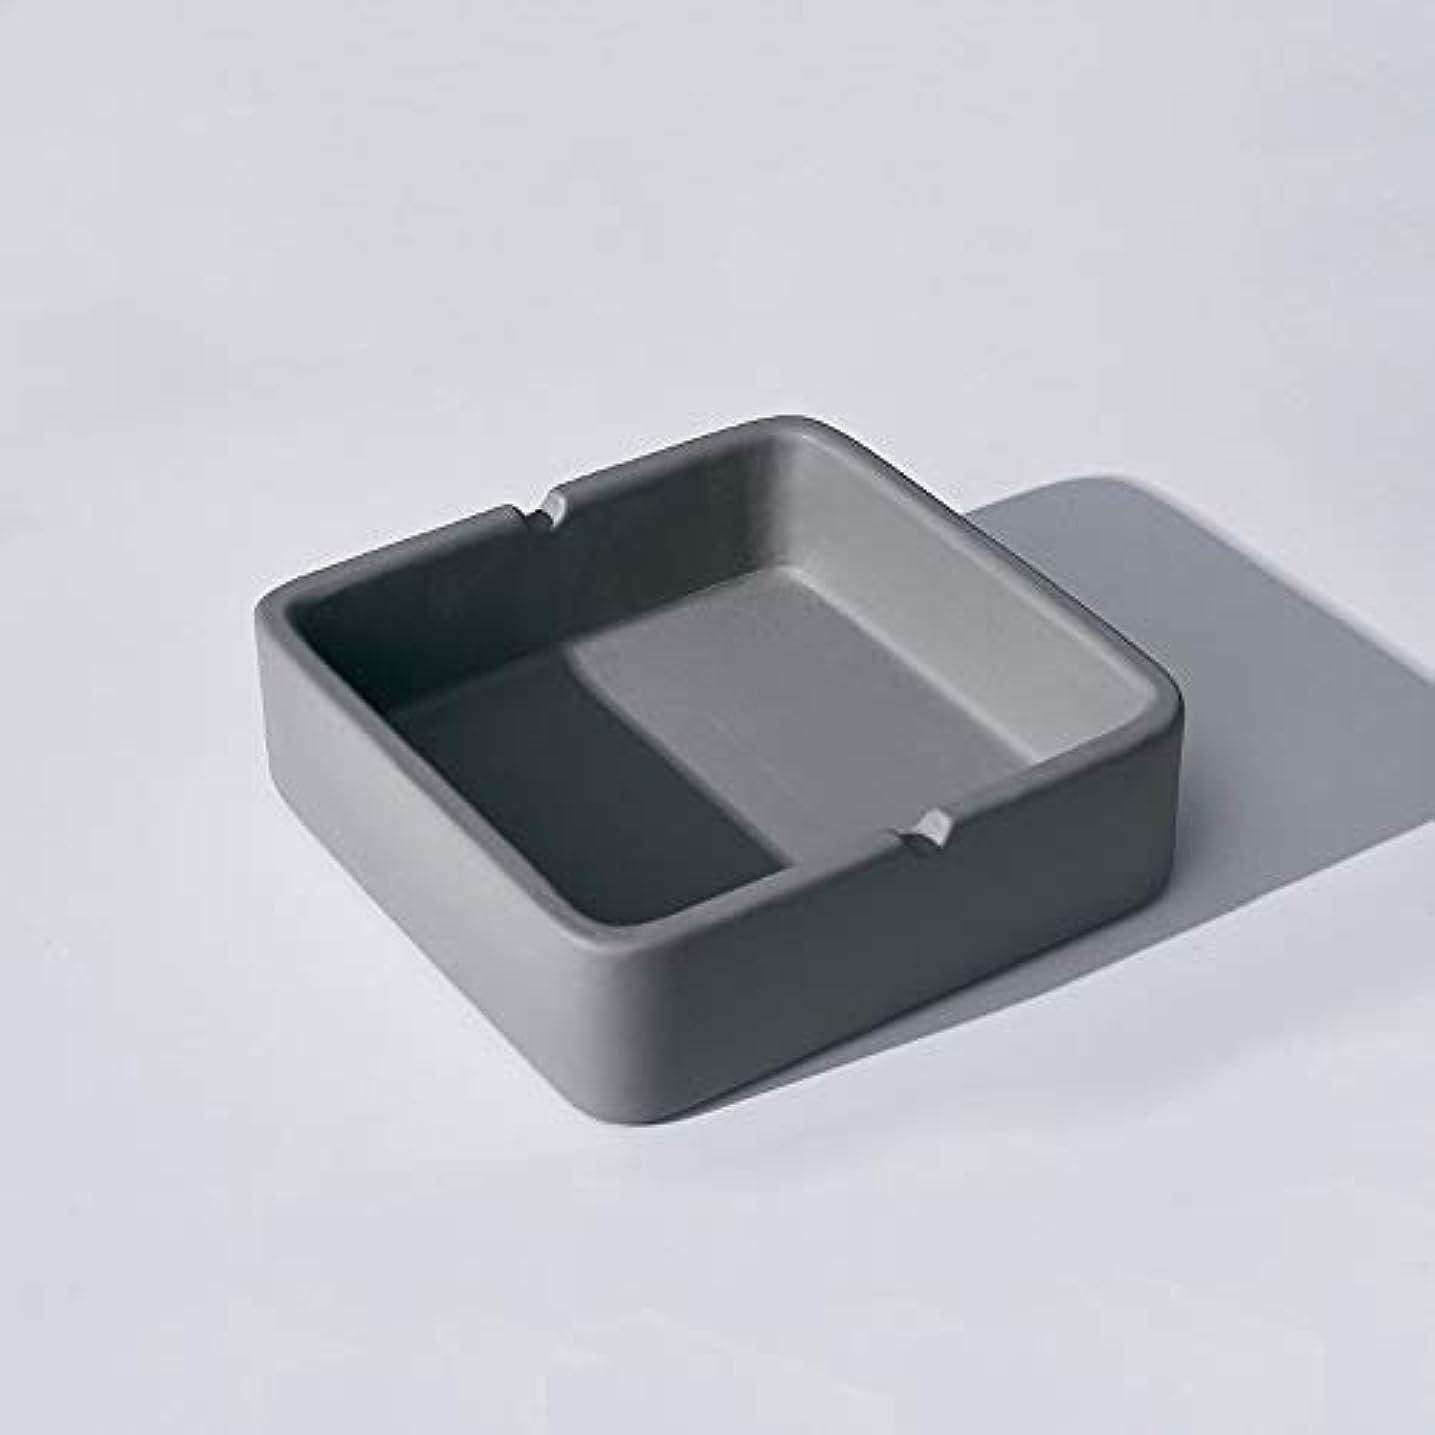 時間とともにラショナル不快な正方形の灰皿、繊細なコンクリートの質感の灰皿、多人数使用シーンに適したパーソナライズされた屋外の灰皿の装飾 (Size : S)